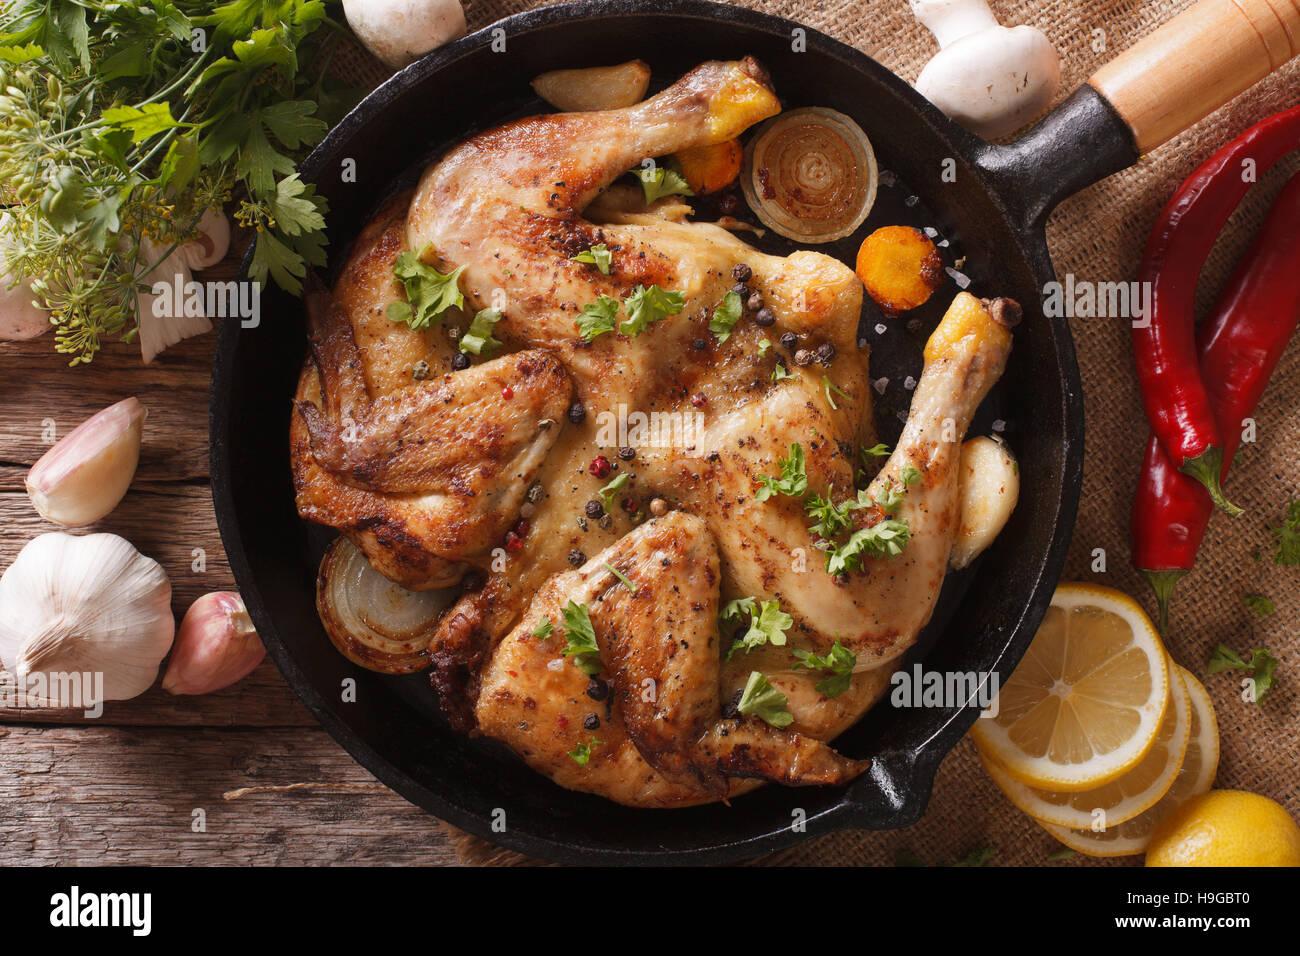 Fried Chicken Tabak mit Gemüse-close-up auf dem Tisch. horizontale Ansicht von oben Stockbild